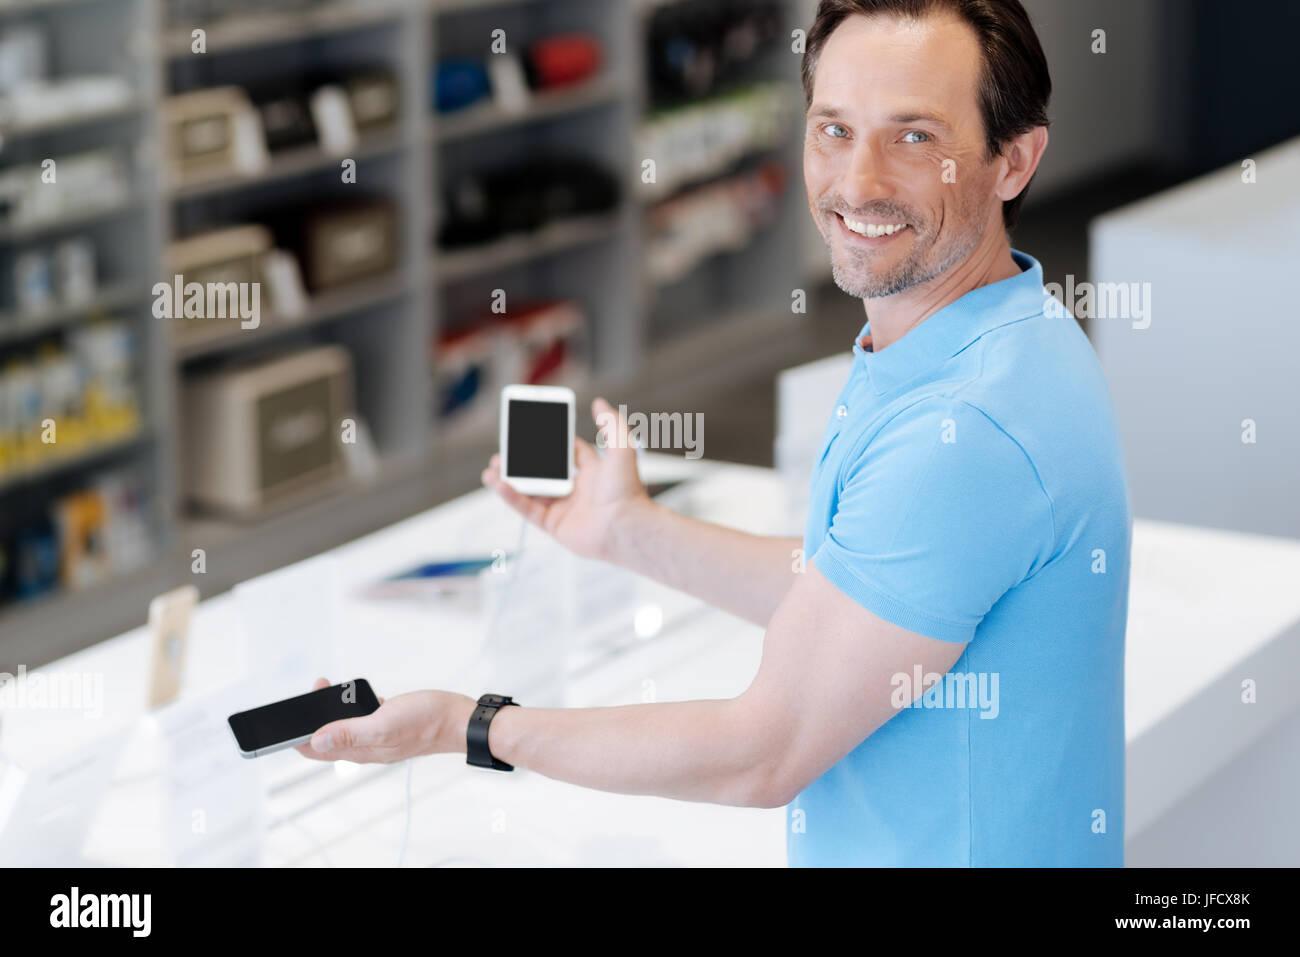 Wissen Sie nicht, welches man wählen. Strahlende Mann grinste breit beim Einkaufen für ein neues Handy Stockbild